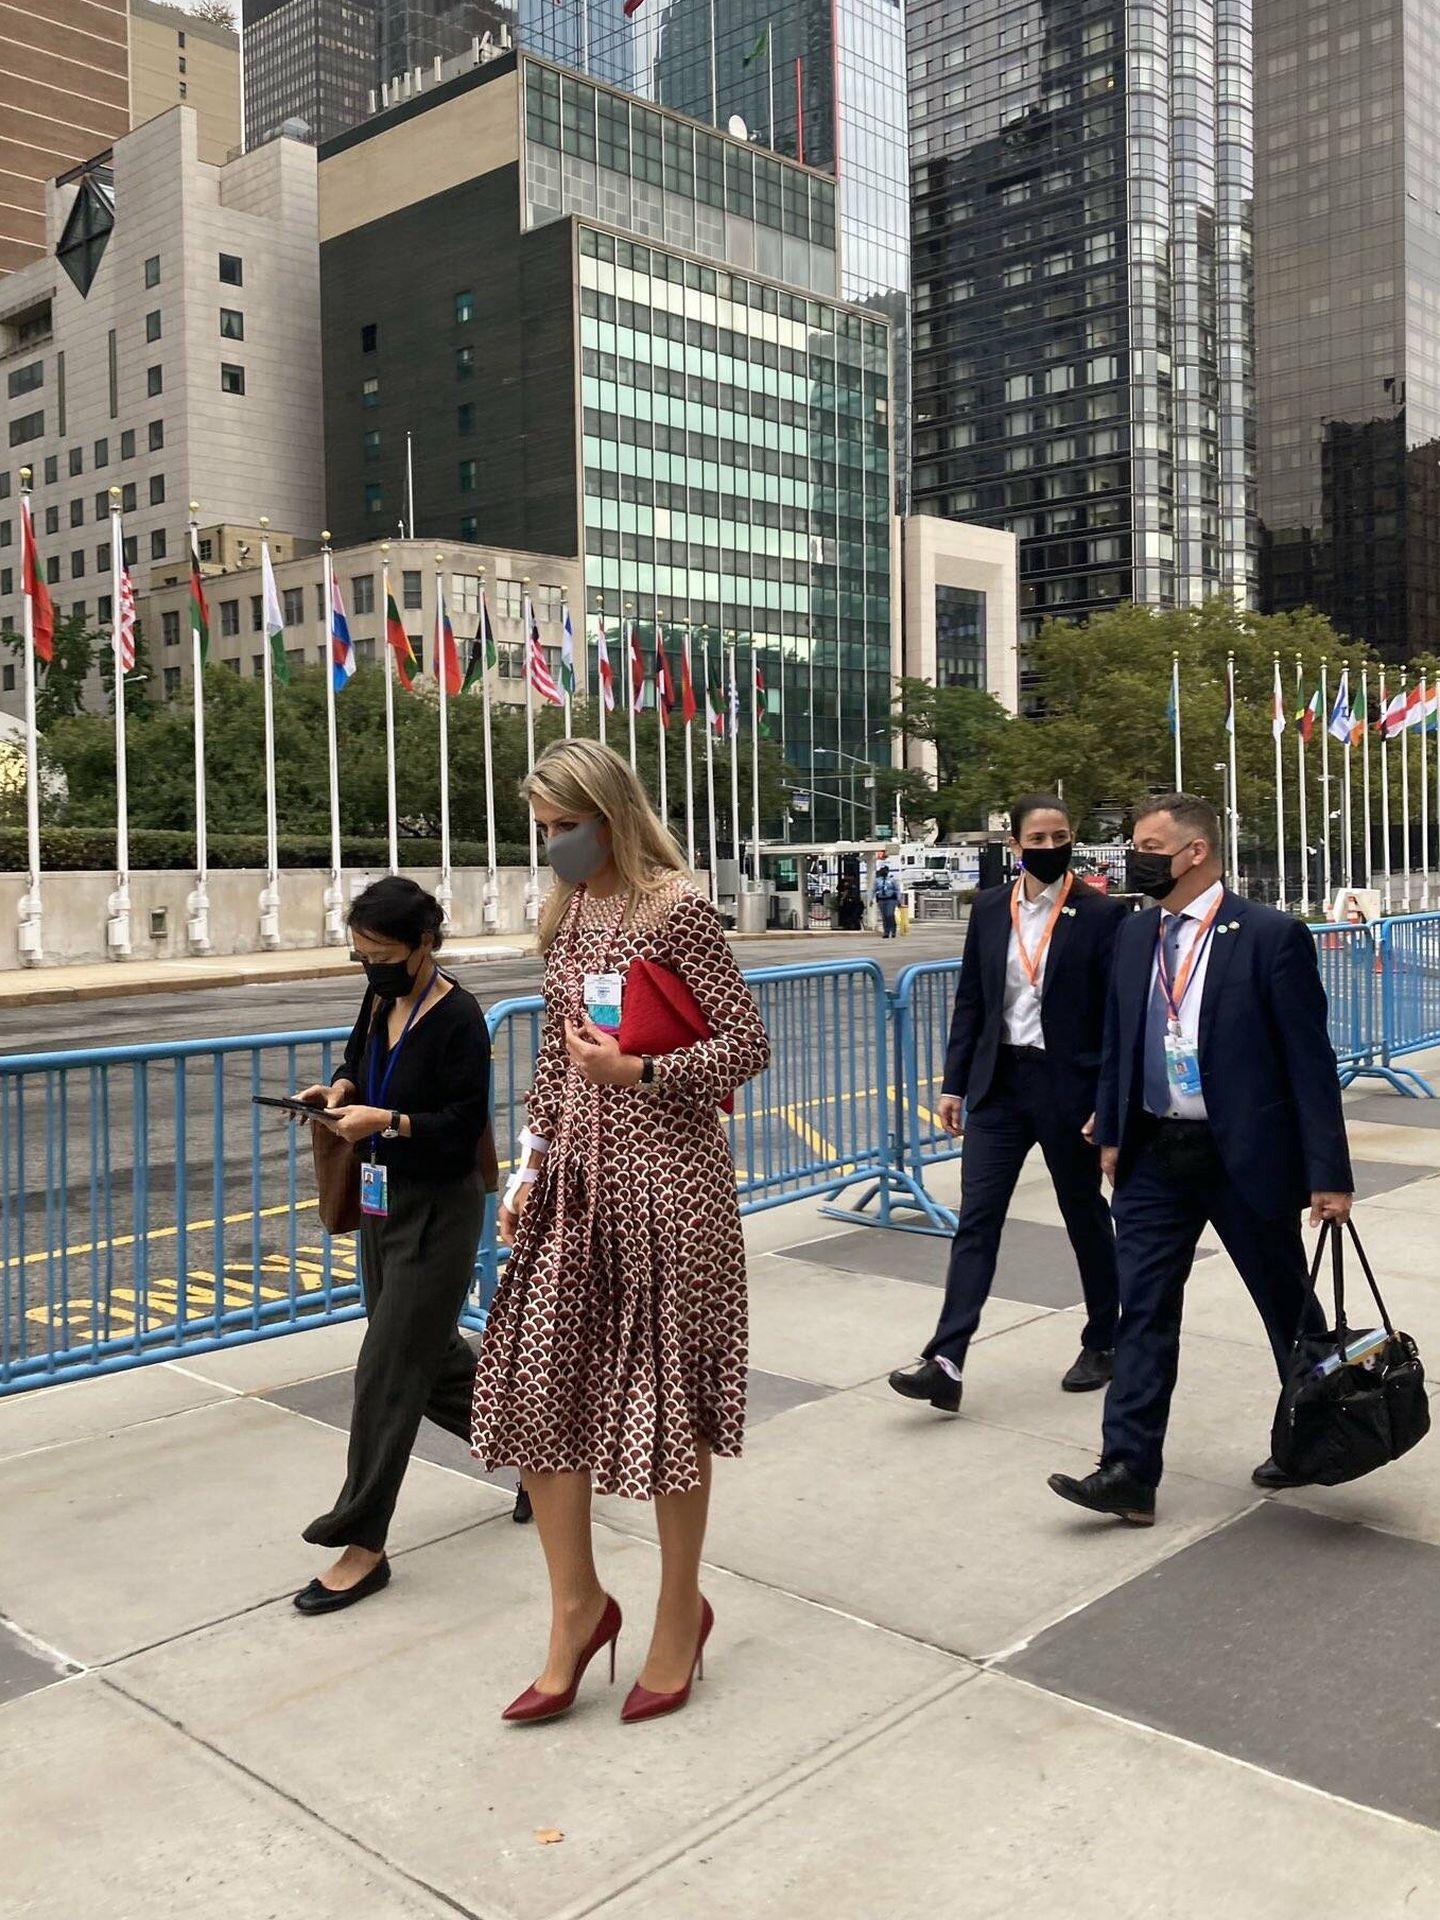 La reina Máxima, en la sede de la ONU. (Casa Real de los Países Bajos)